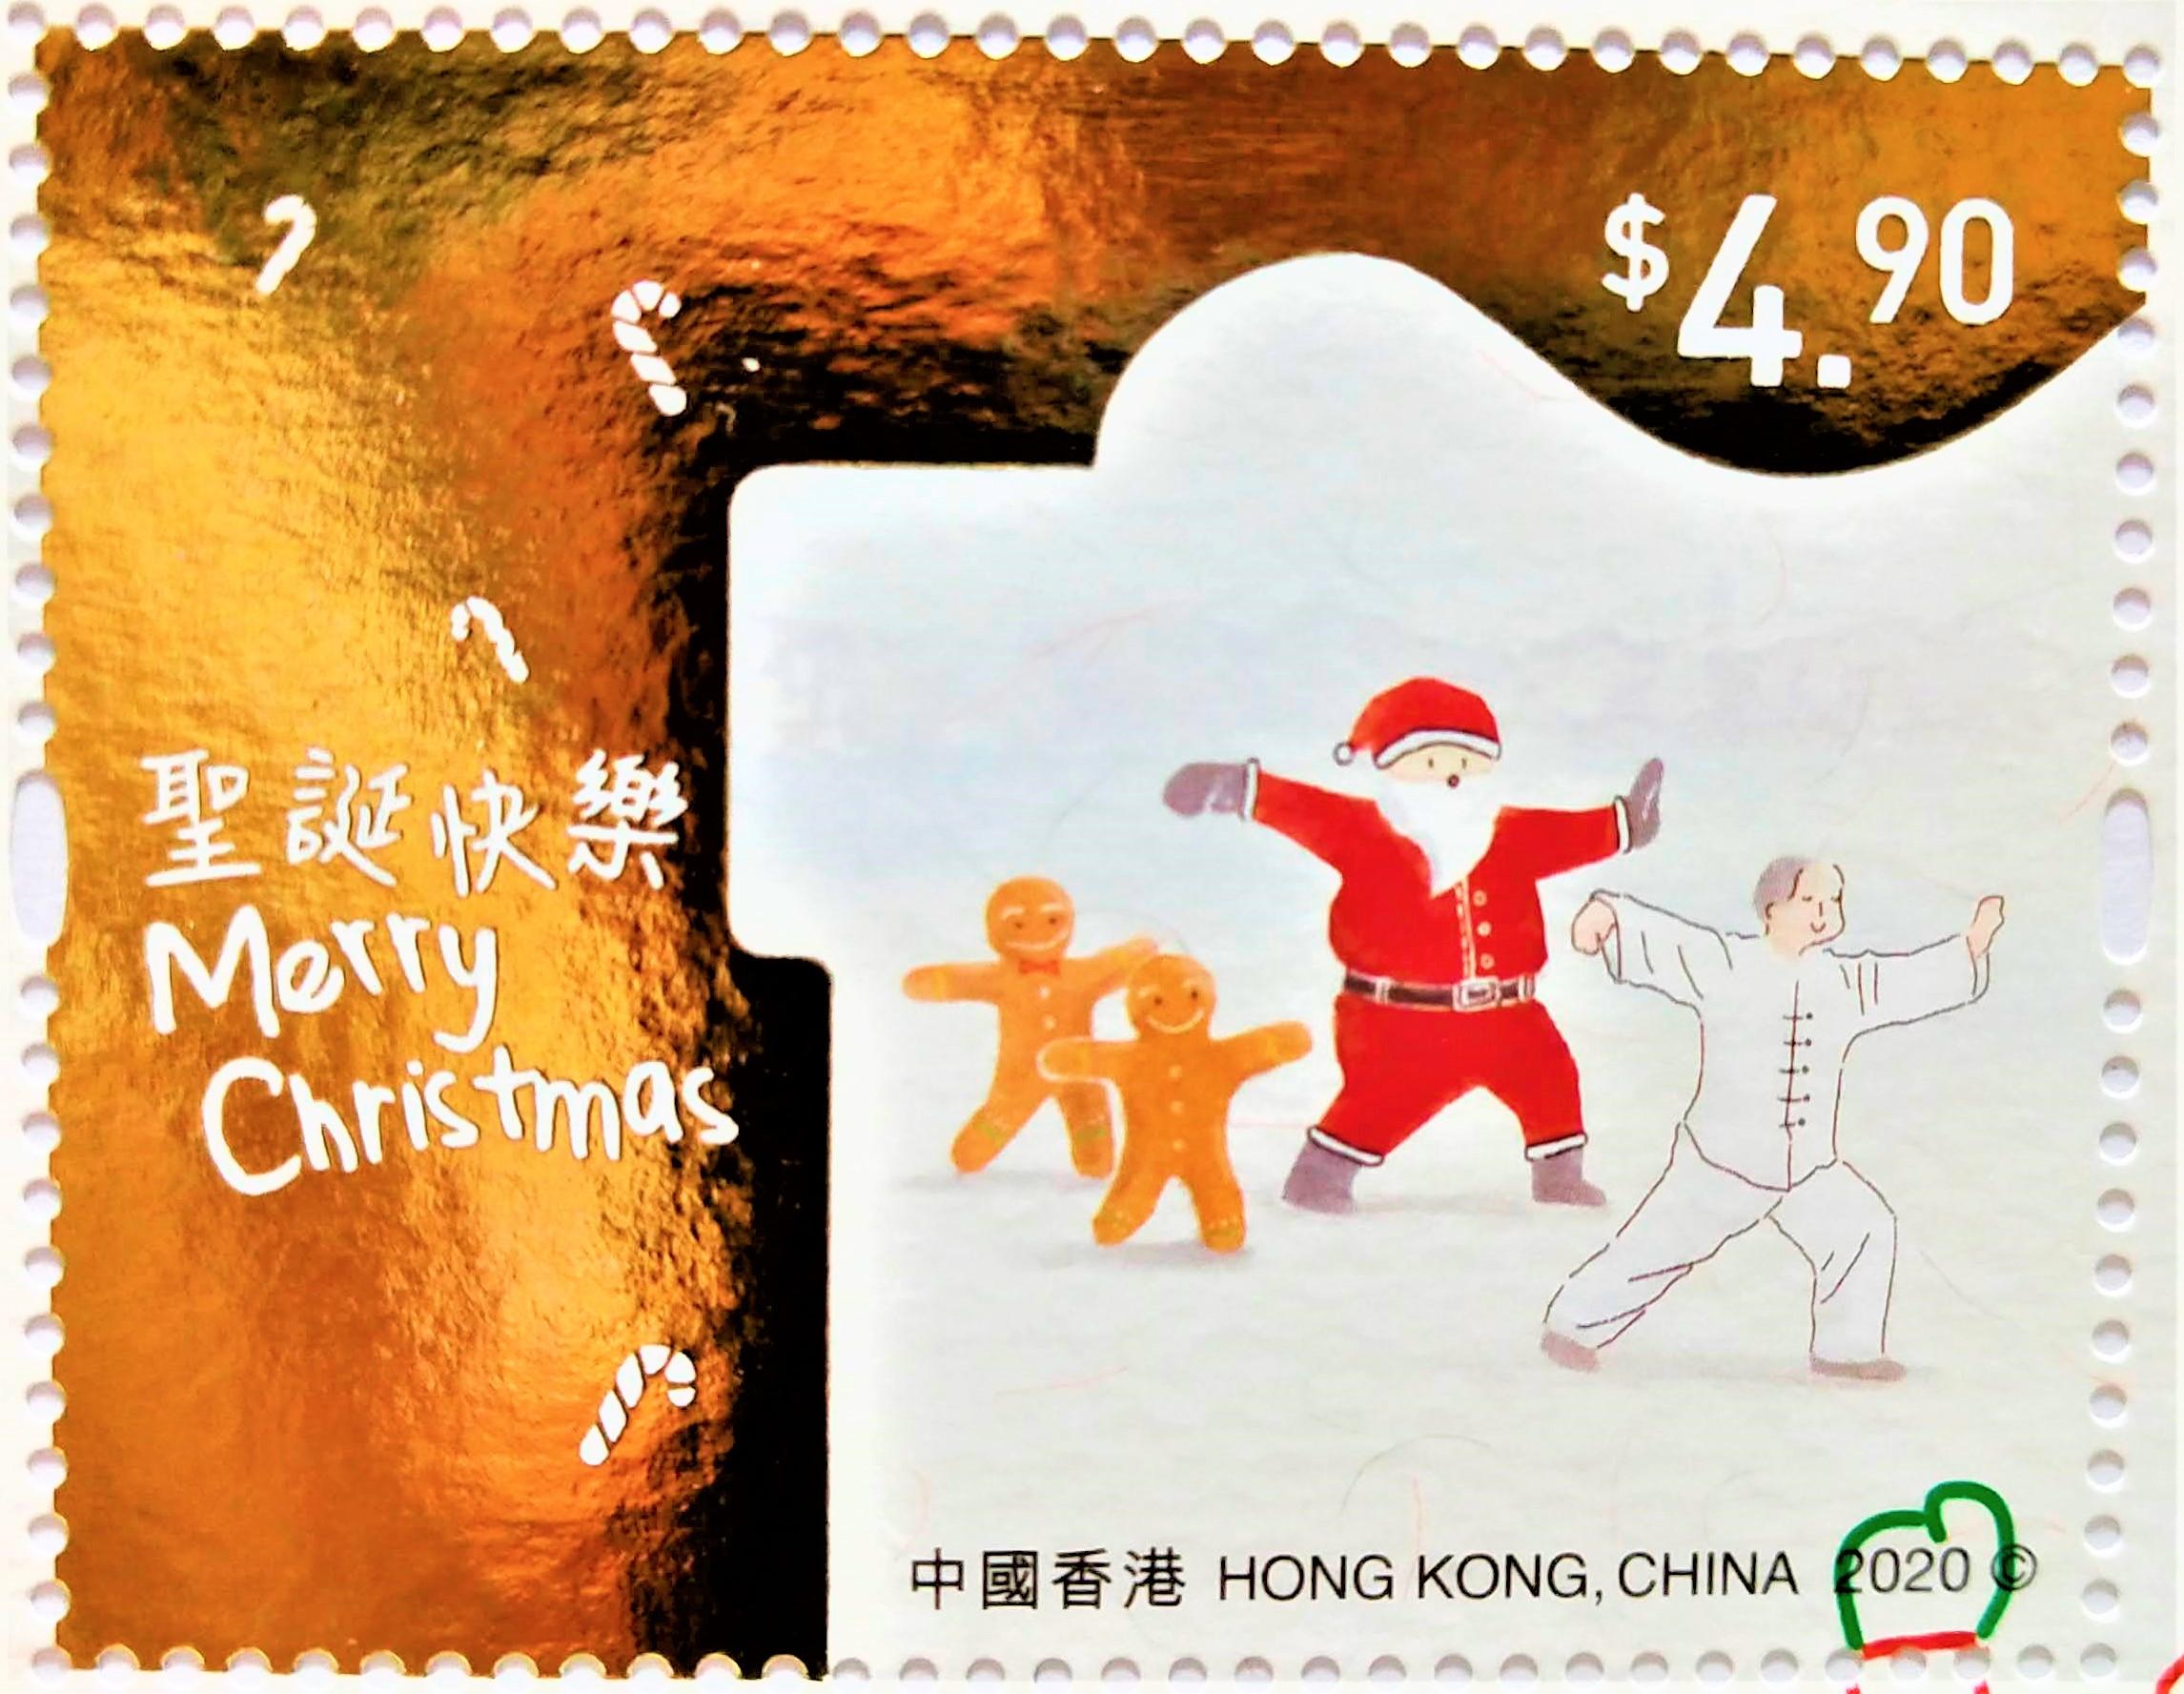 Santa Claus and Gingerbread Men play Tai Chi.